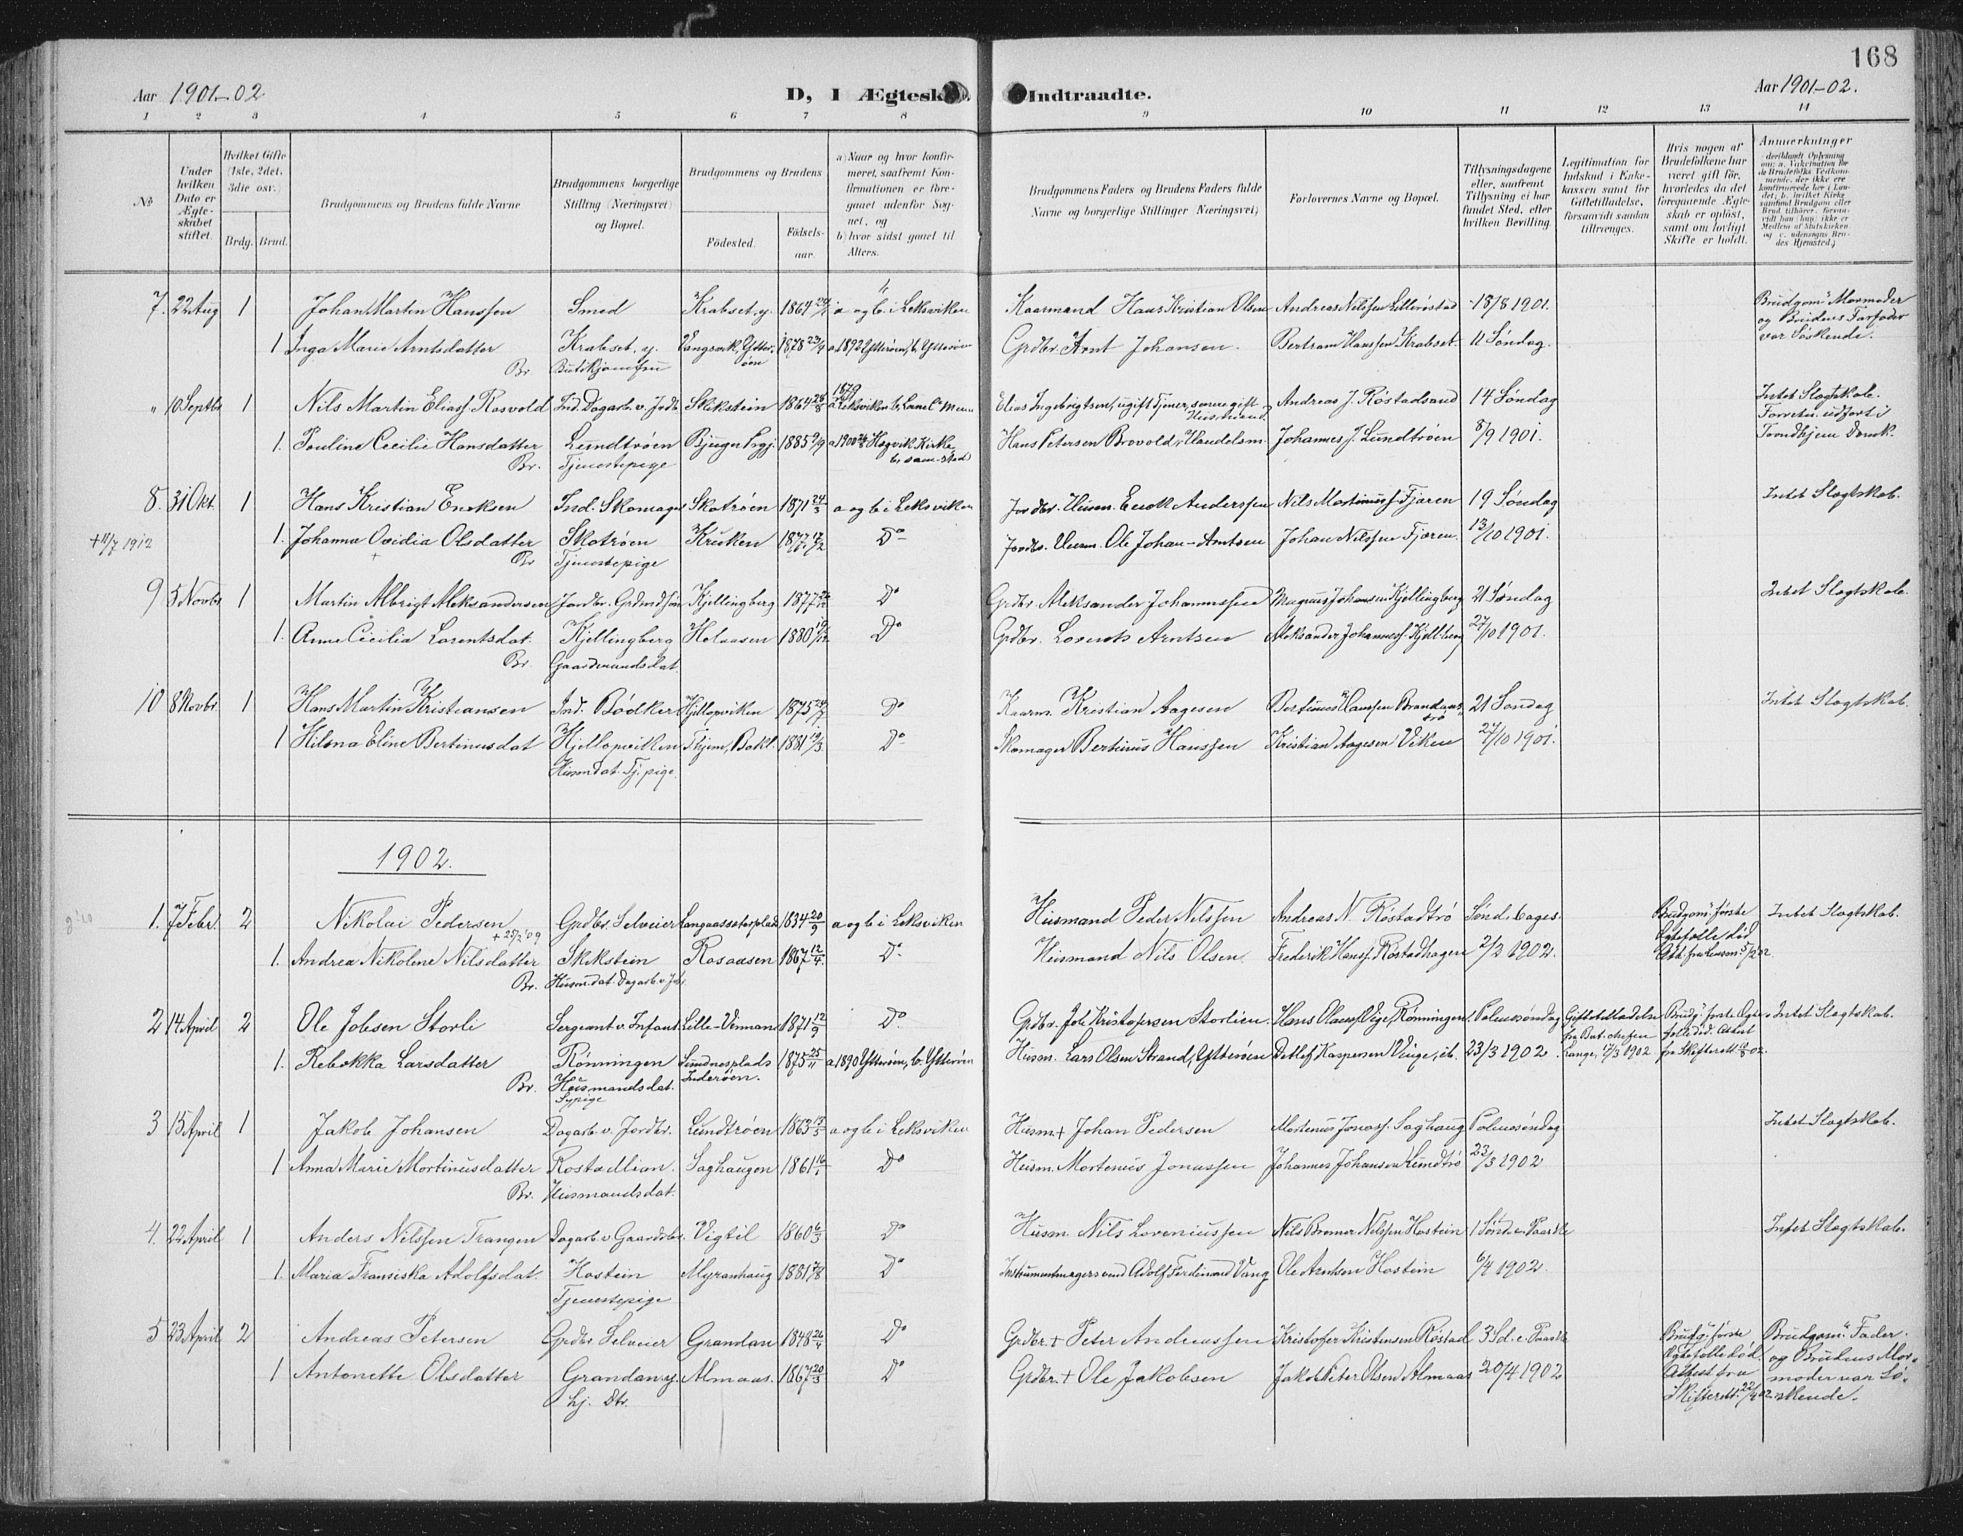 SAT, Ministerialprotokoller, klokkerbøker og fødselsregistre - Nord-Trøndelag, 701/L0011: Ministerialbok nr. 701A11, 1899-1915, s. 168